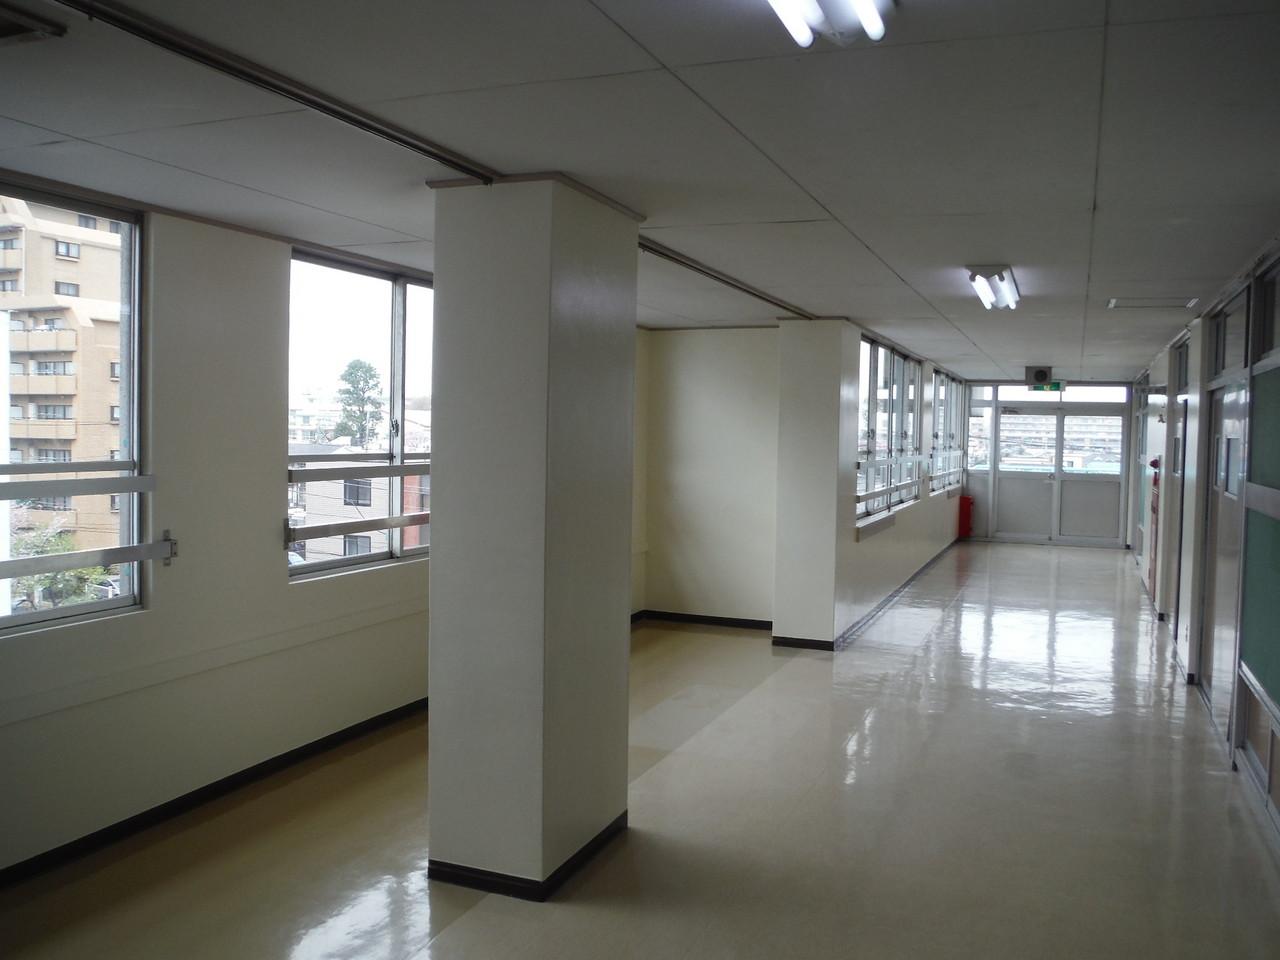 練馬区内某中学校廊下壁塗装工事